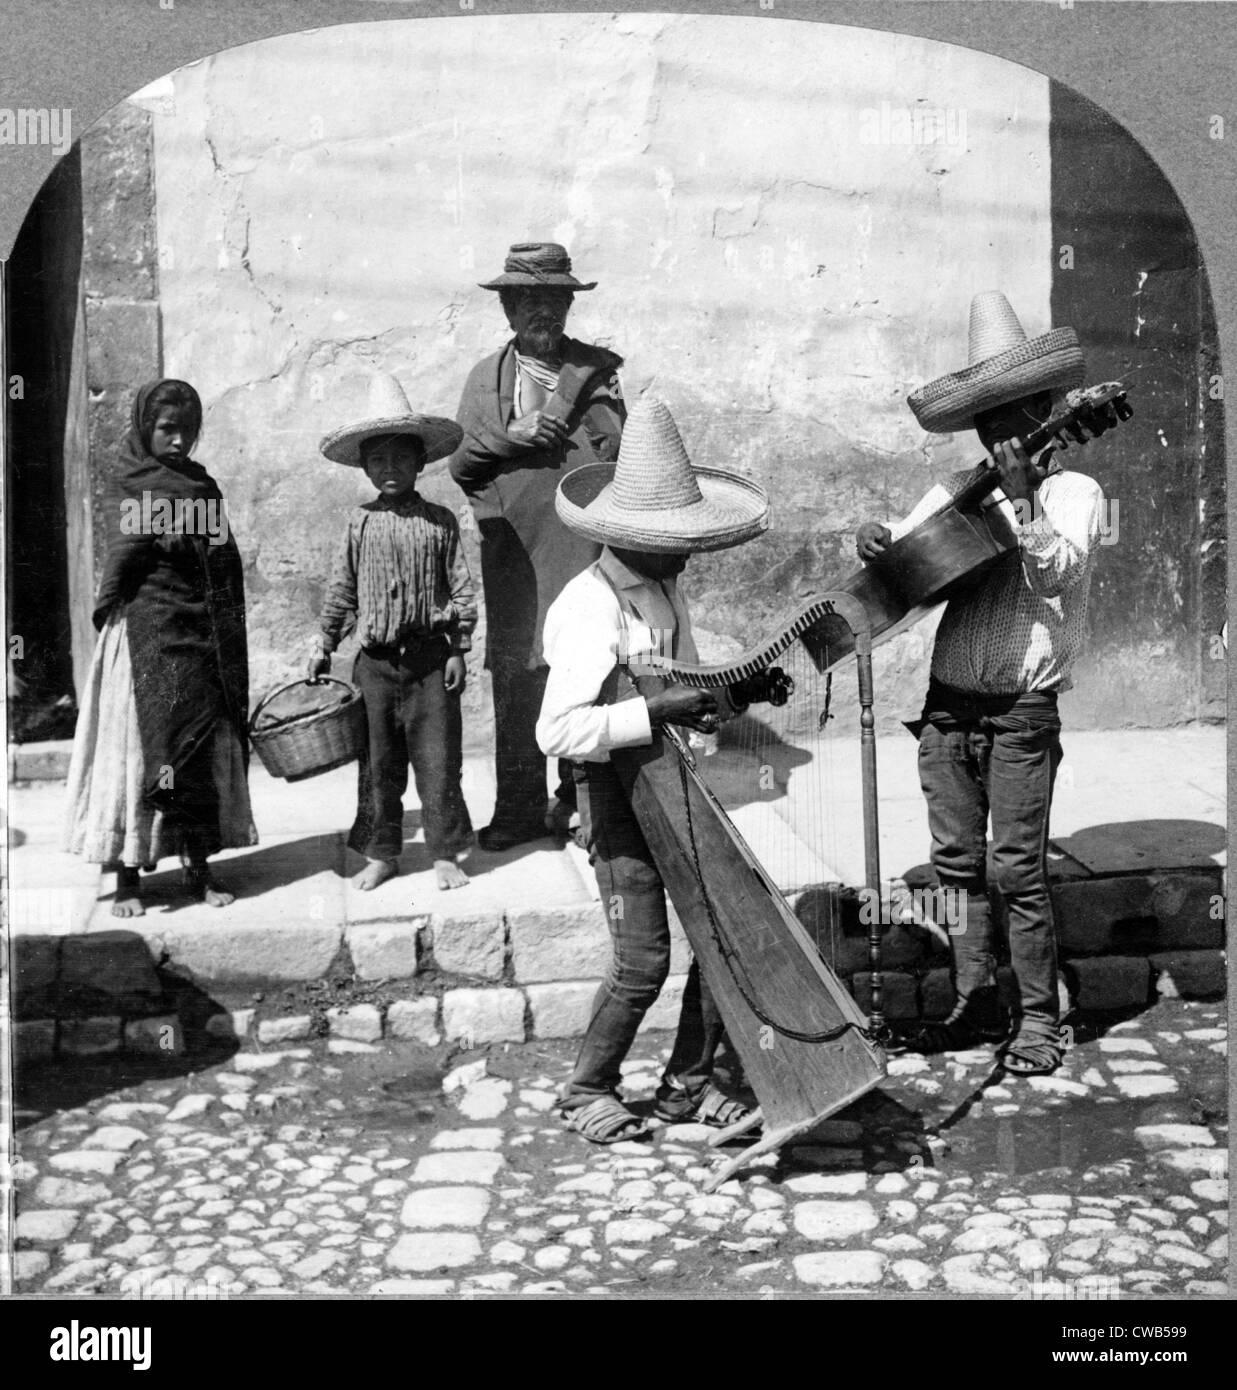 La musica folk. Musicisti di strada, Guanajuato, Messico, 1906 Immagini Stock